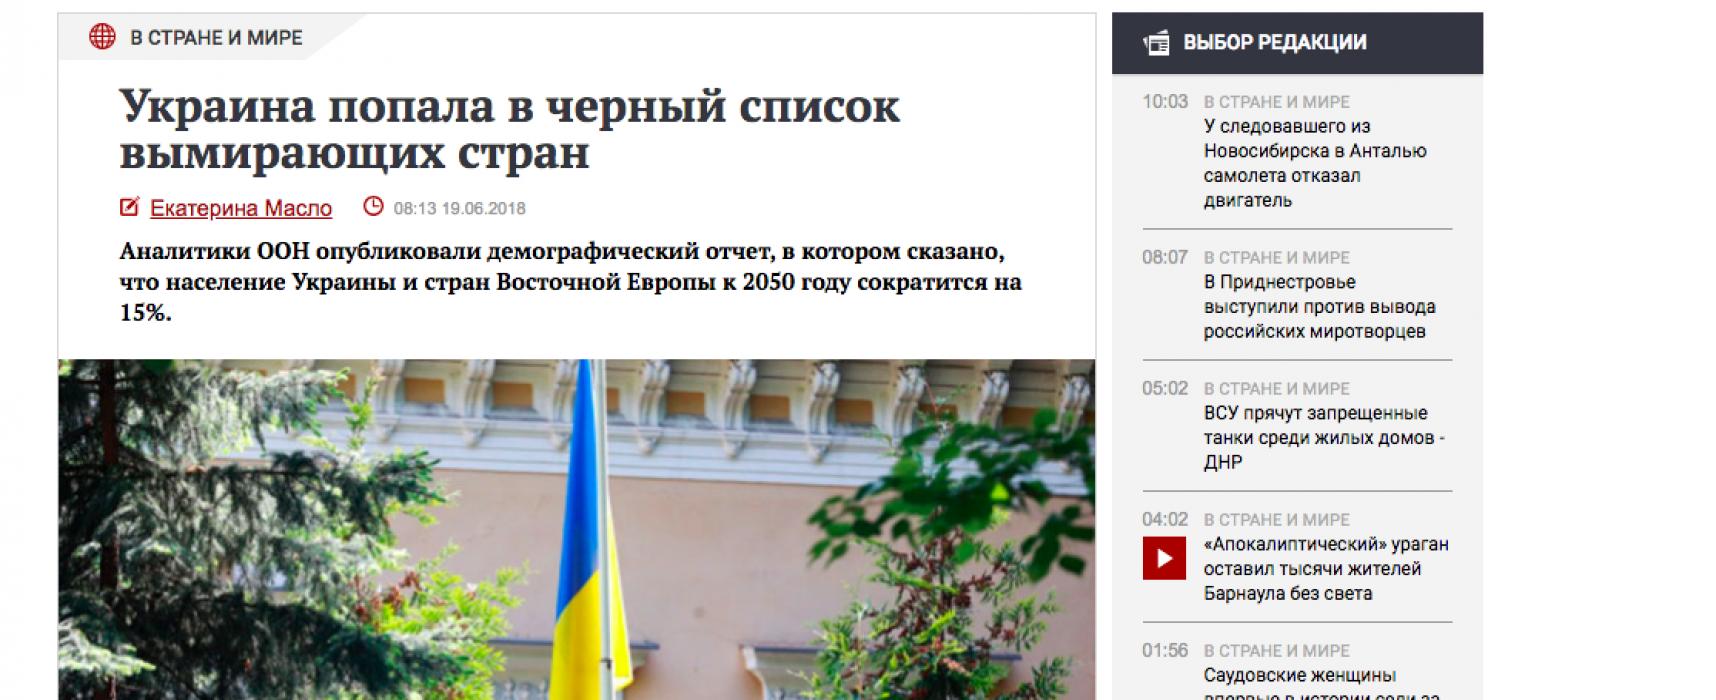 """Manipulacija: Ukrajina """"na crnoj"""" listi ugroženih zemalja po brzini opadanja broja stanovnika"""